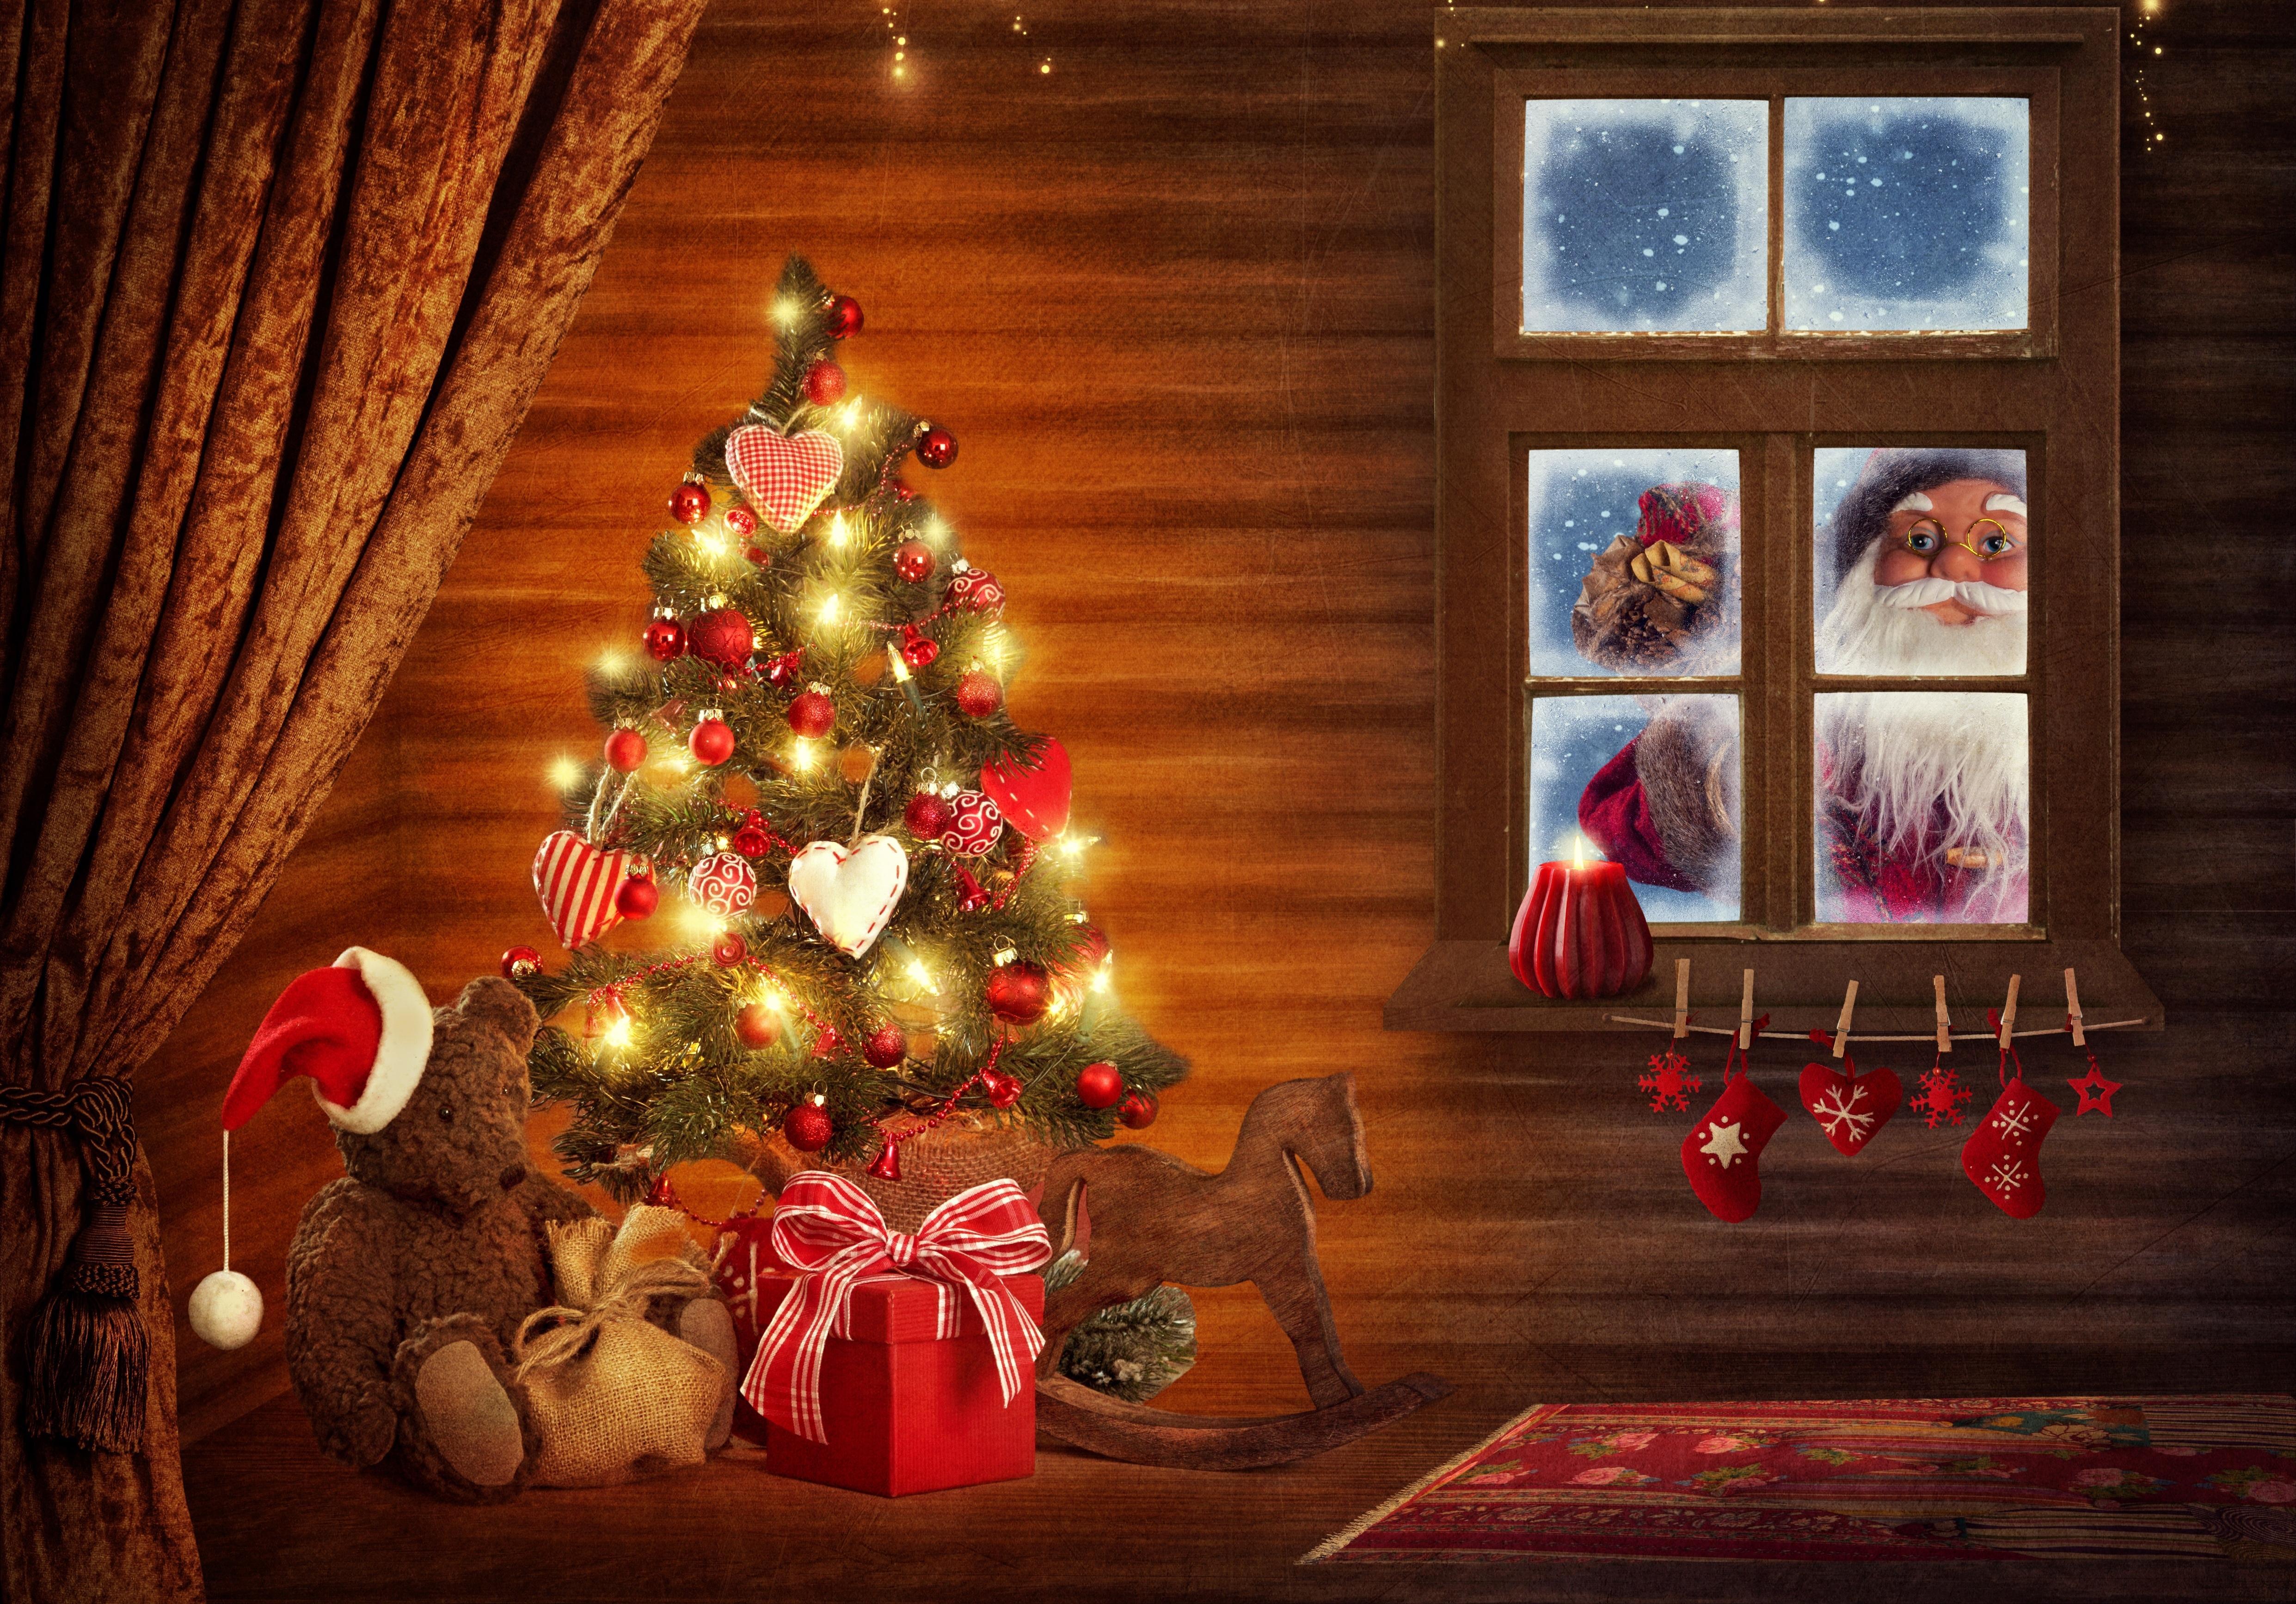 новый год, новогодний фон, новогодние обои